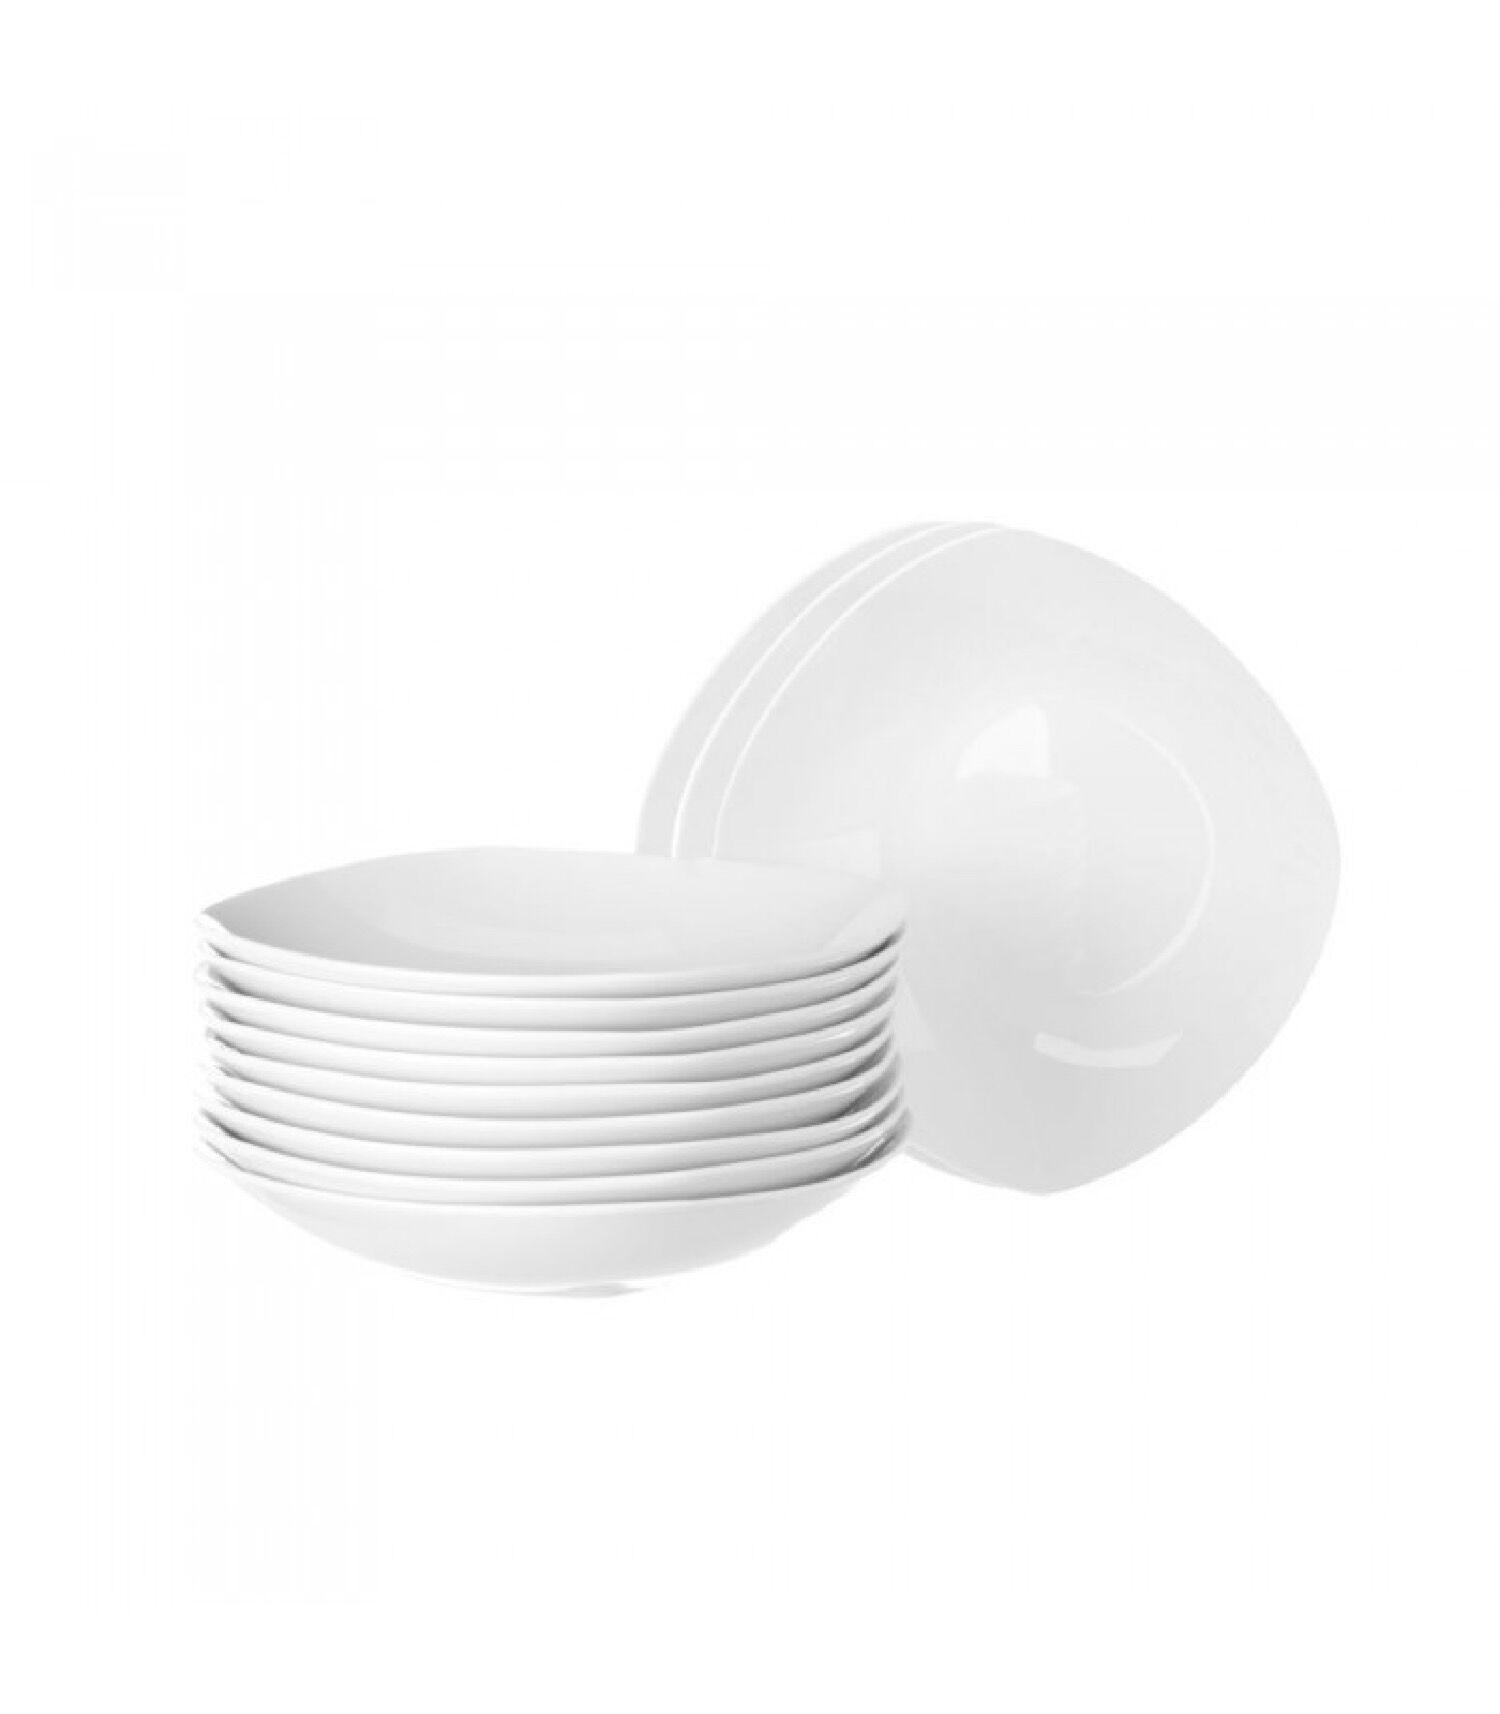 Wadiga Assiette  soupe carrée en porcelaine blanche - Lot de 12